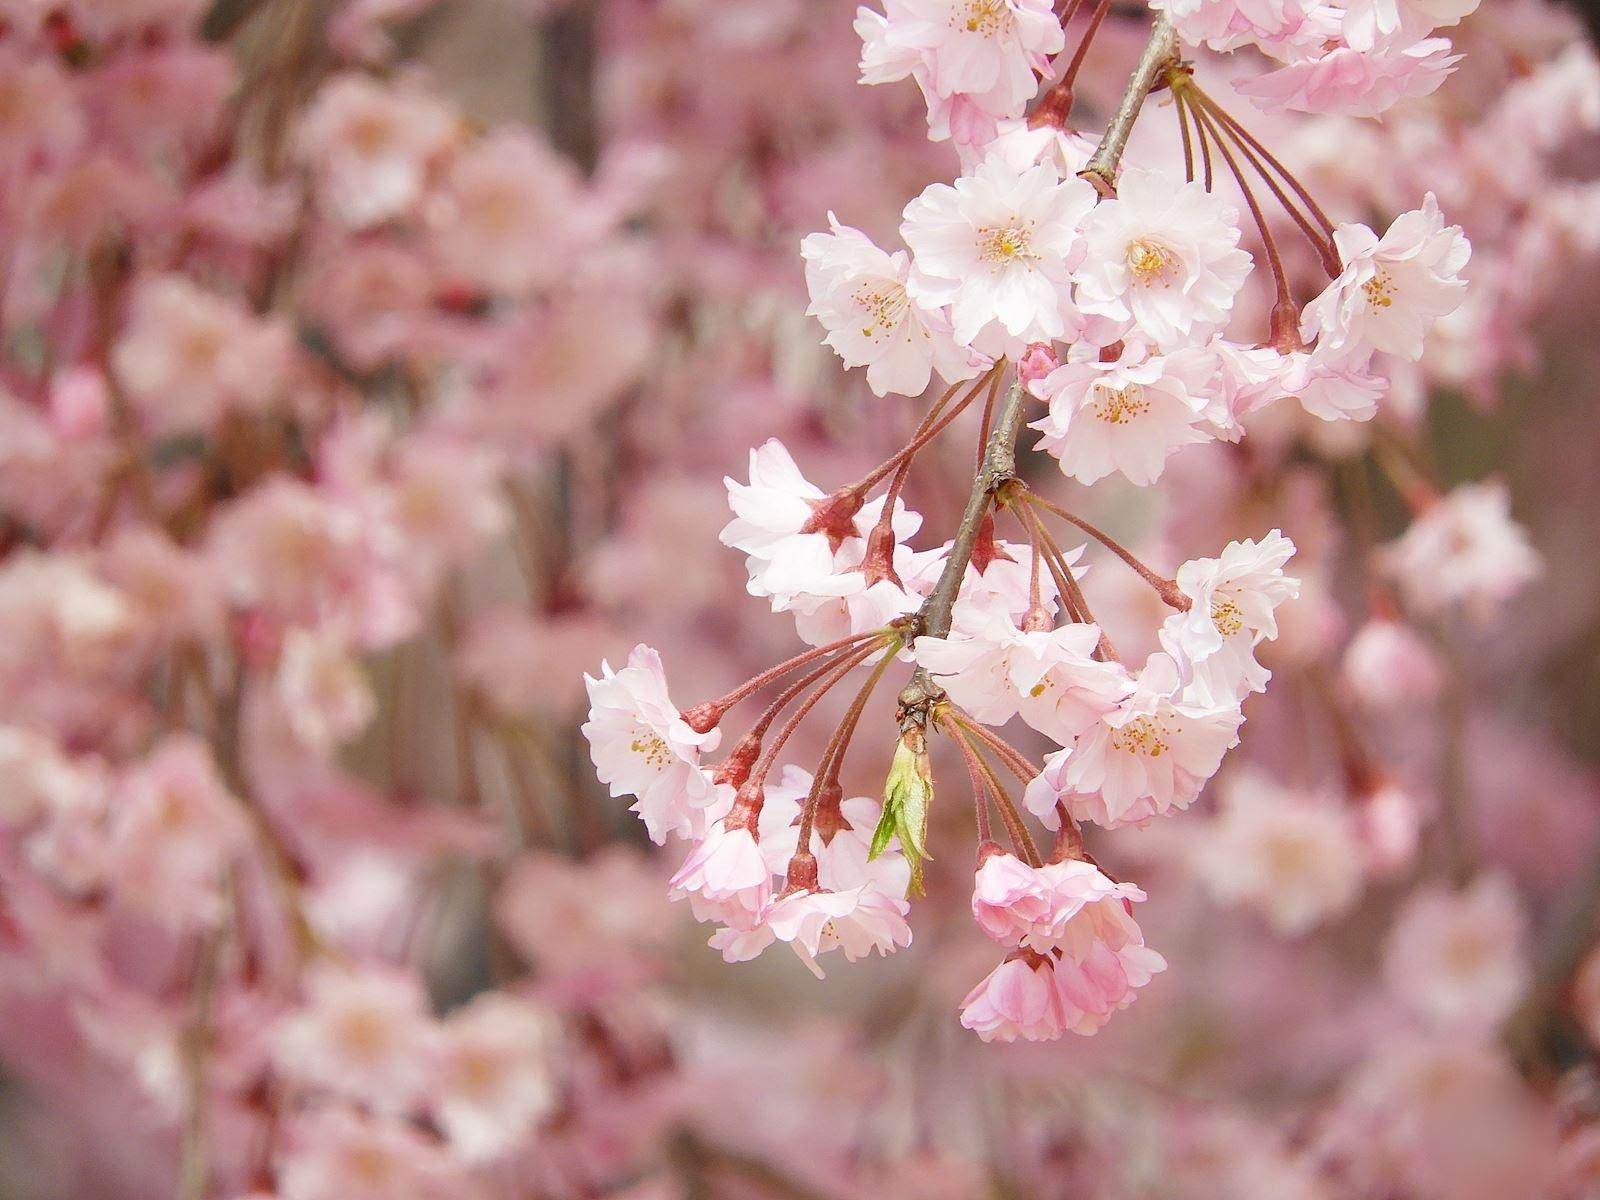 【まとめ】観光タクシーで行く♪「桜めぐり」の旅 4選! ★2021年春号★